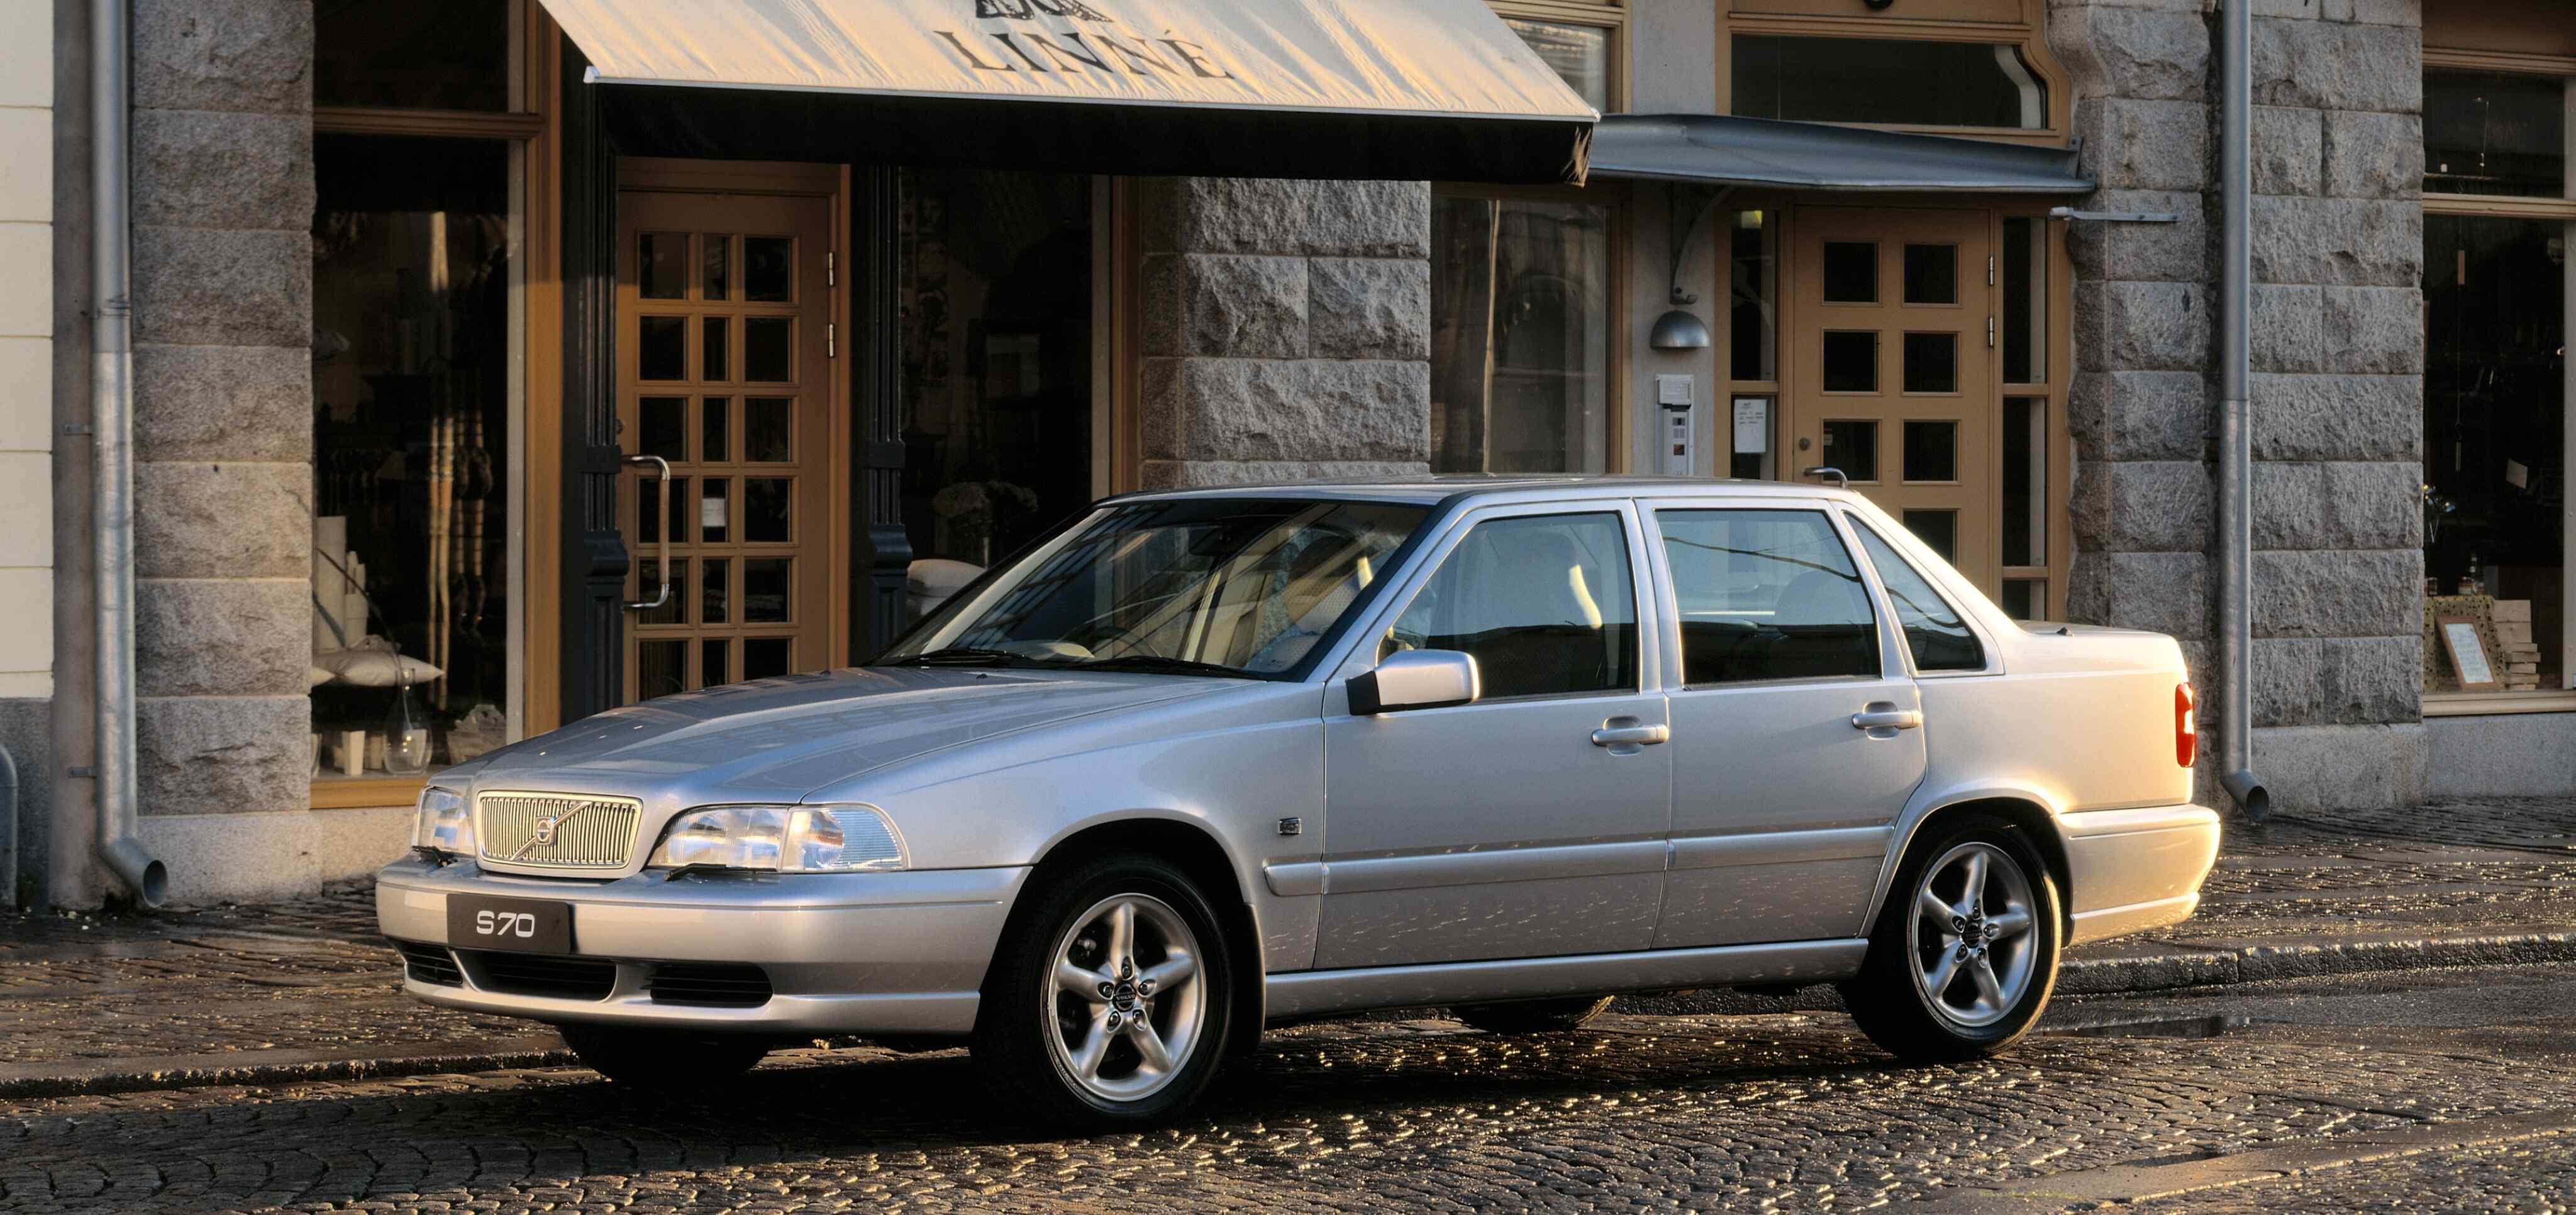 Un Volvo S70 plateado aparcado en una calle adoquinada